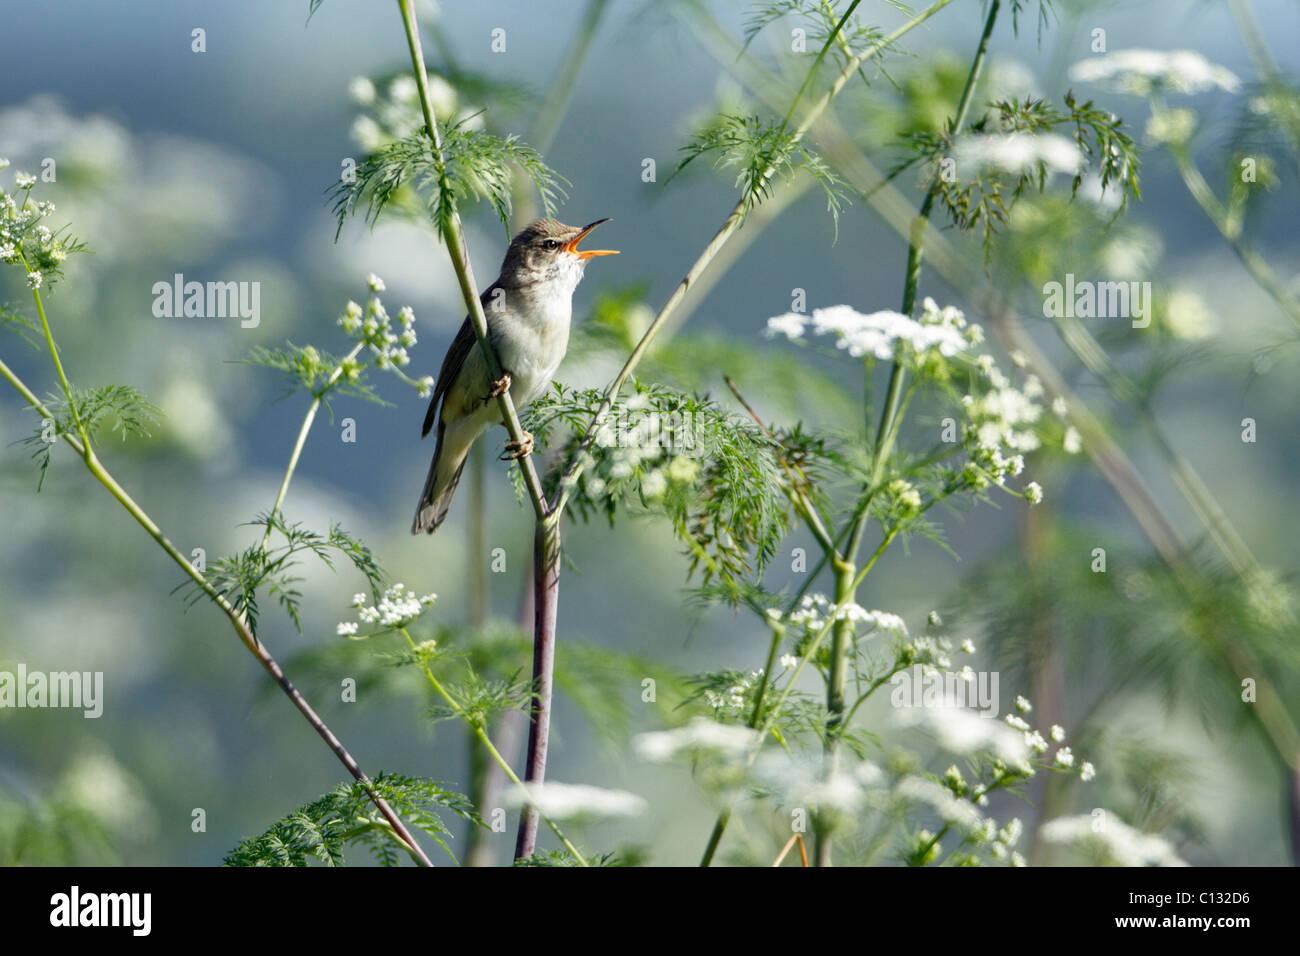 Marsh Warbler (Acrocephalus palustris) singing from flowering hemlock plant, Germany Stock Photo